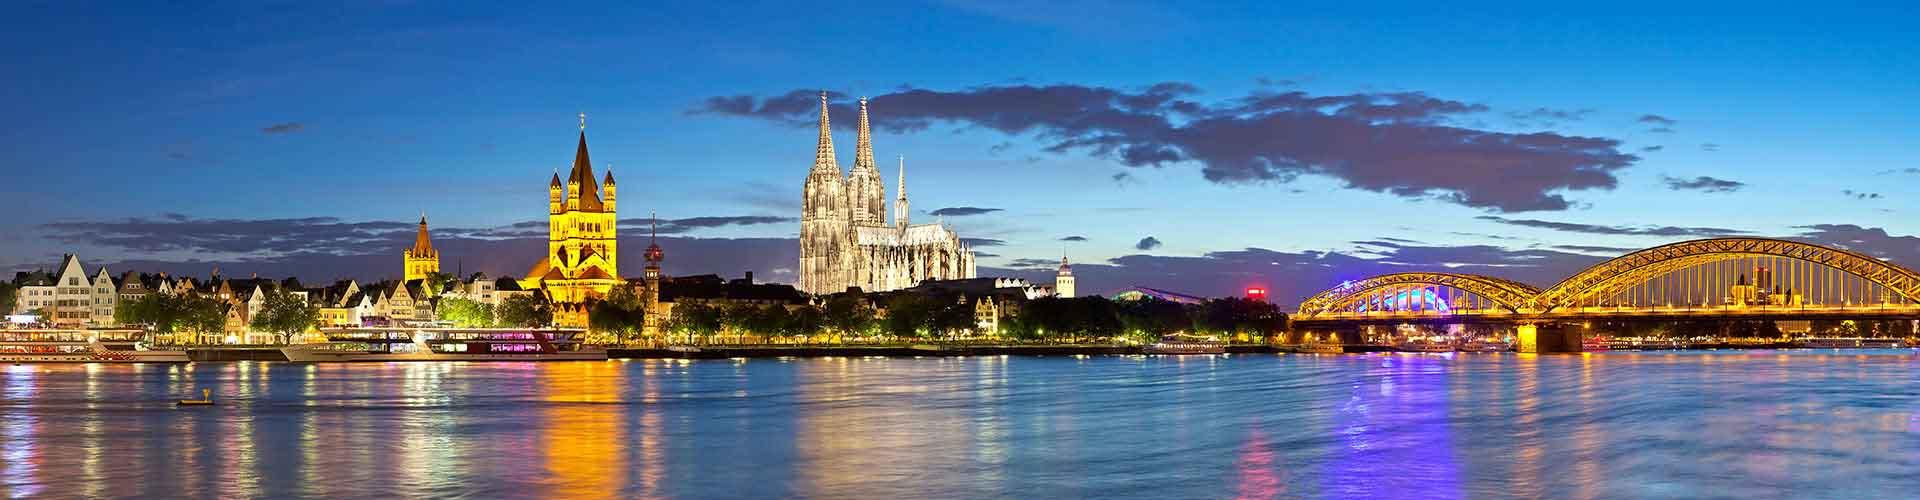 Köln – Hotellit kaupungiosassa Ringe. Köln -karttoja, valokuvia ja arvosteluja kaikista Köln -hotelleista.